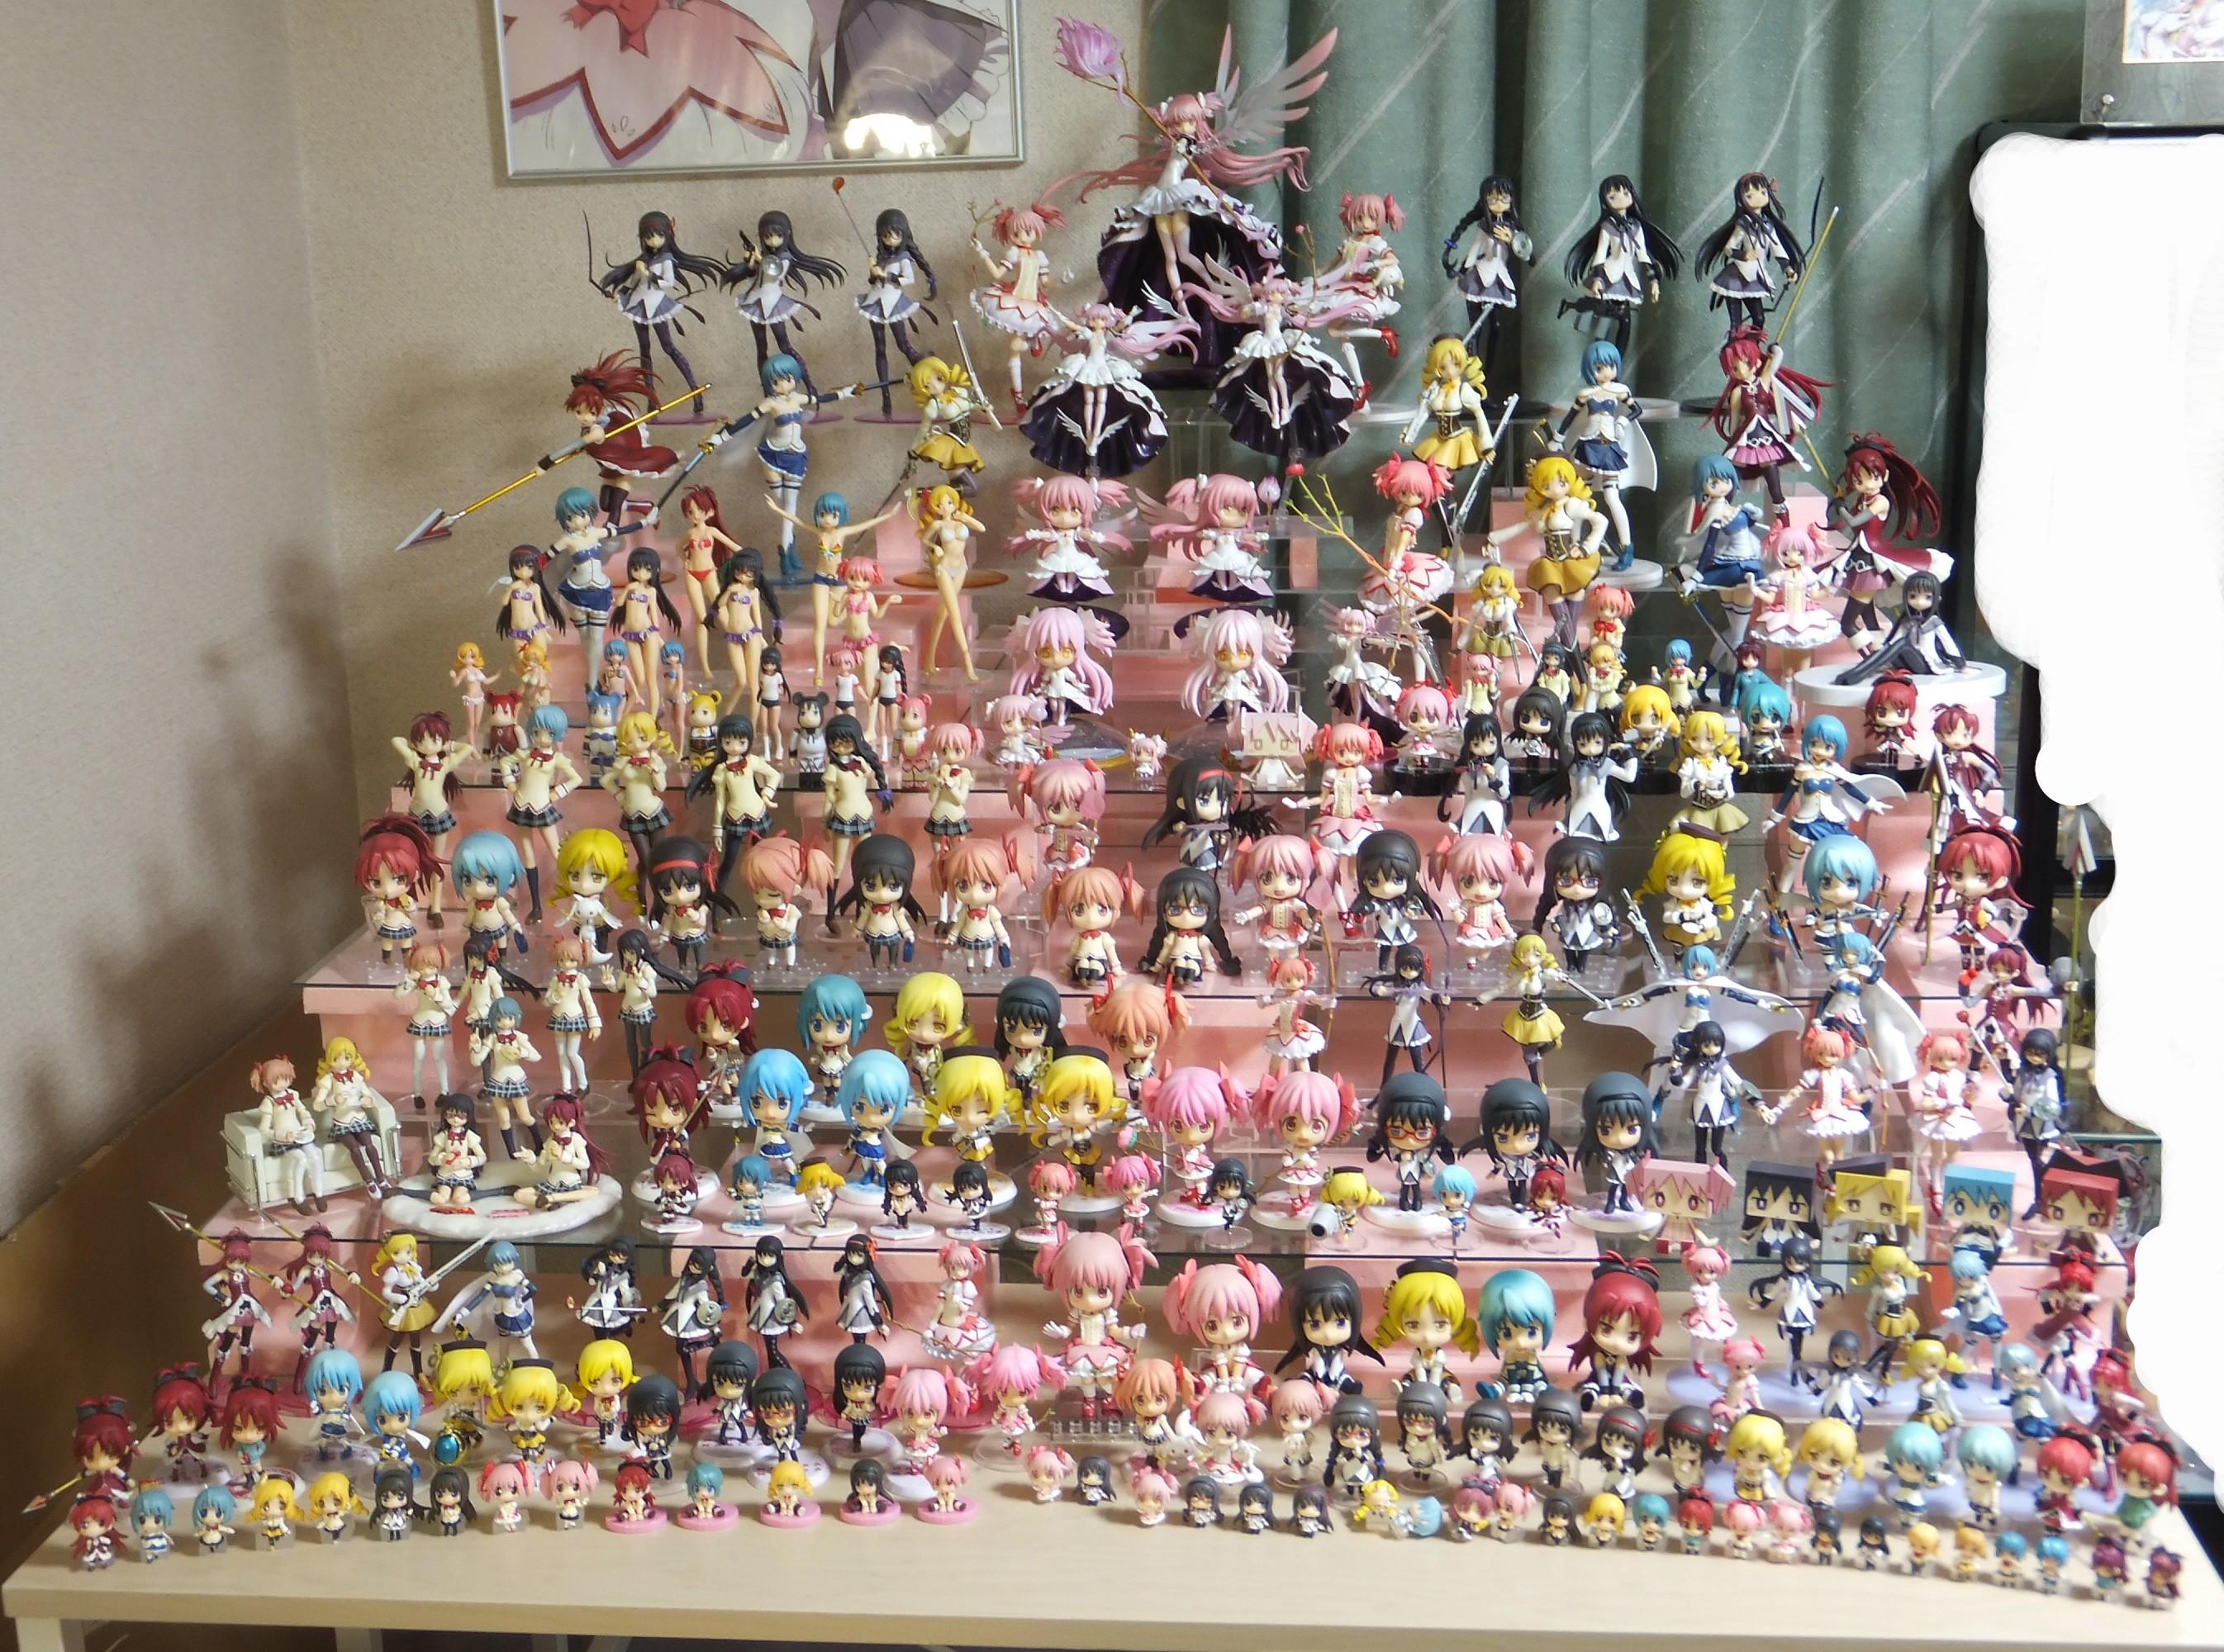 Девочка-волшебница Мадока Магика, аниме 2011, Mahou Shoujo Madoka Magica, фигурки, больные отаку